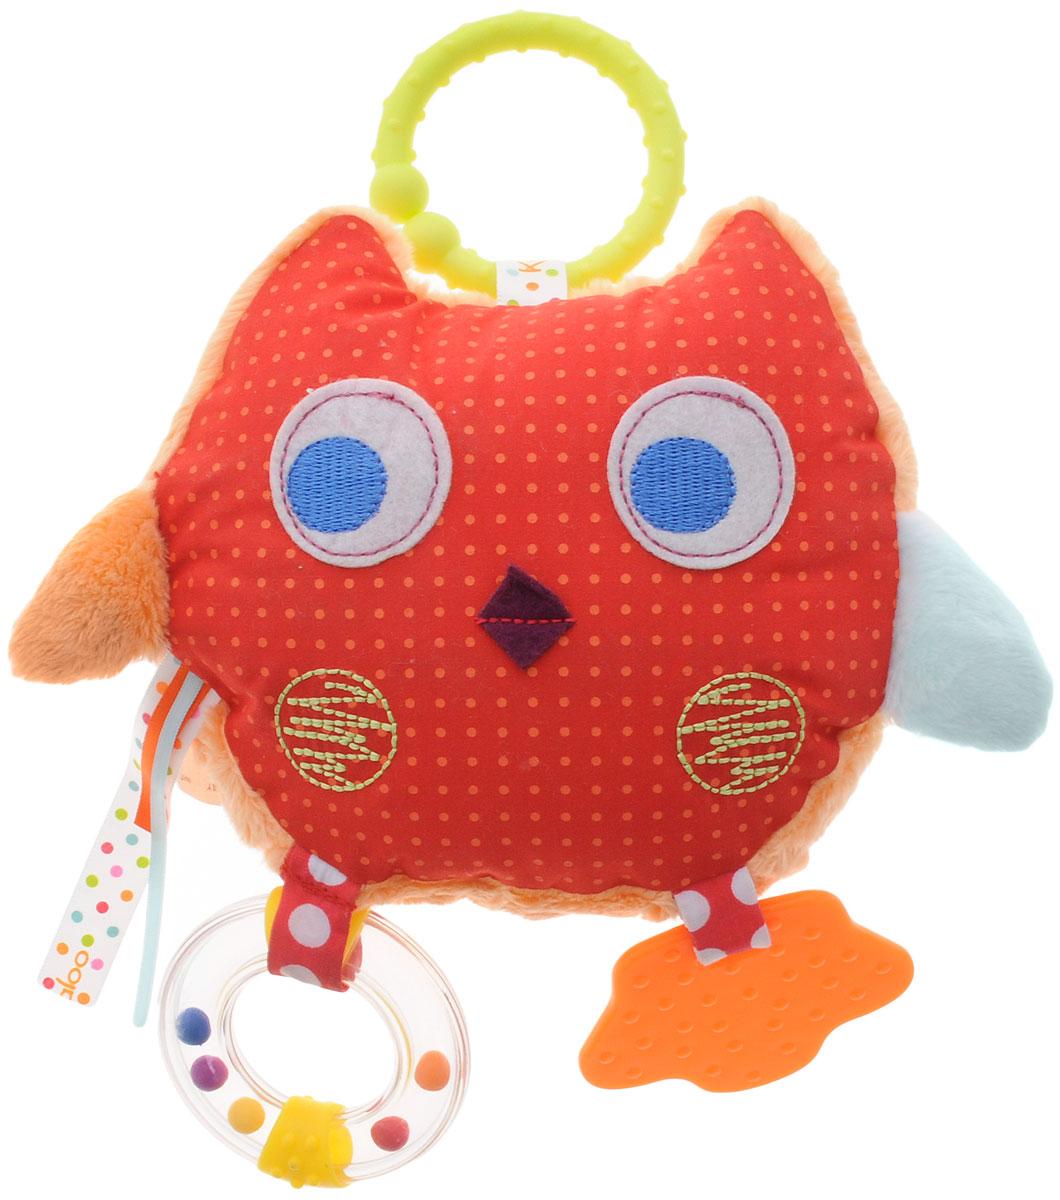 Kaloo Мягкая развивающая игрушка СоваK963299Мягкая развивающая игрушка Kaloo Сова надолго увлечет вашего малыша и обязательно станет одной из любимых игрушек, которую вы будете брать с собой на прогулку. Игрушка выполнена в виде очаровательного совенка с яркими ленточками, погремушкой, прорезывателем и шуршащим элементом. При нажатии на совенка издается забавный писк. Таким образом, игрушка представляет собой целый комплекс развивающих элементов, которые увлекут ребенка. С помощью удобного колечка можно будет подвесить игрушку к коляске или автокреслу и взять с собой на прогулку или в поездку. Игрушка выполнена из безопасных материалов, приятных на ощупь. Предназначена для детей с самых первых дней их жизни.